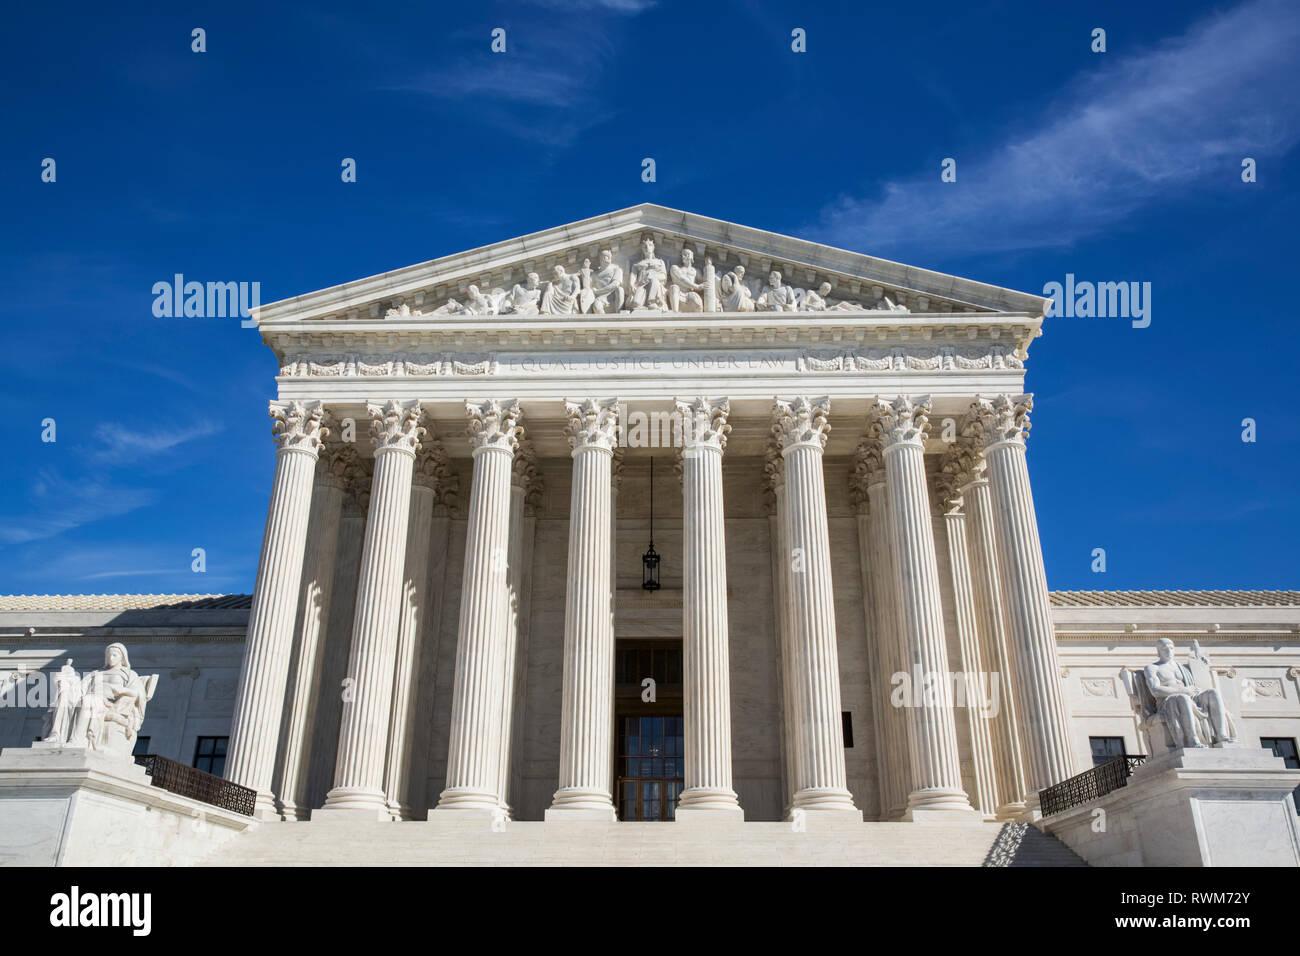 Bâtiment de la Cour suprême des États-Unis, Washington DC, États-Unis d'Amérique Banque D'Images